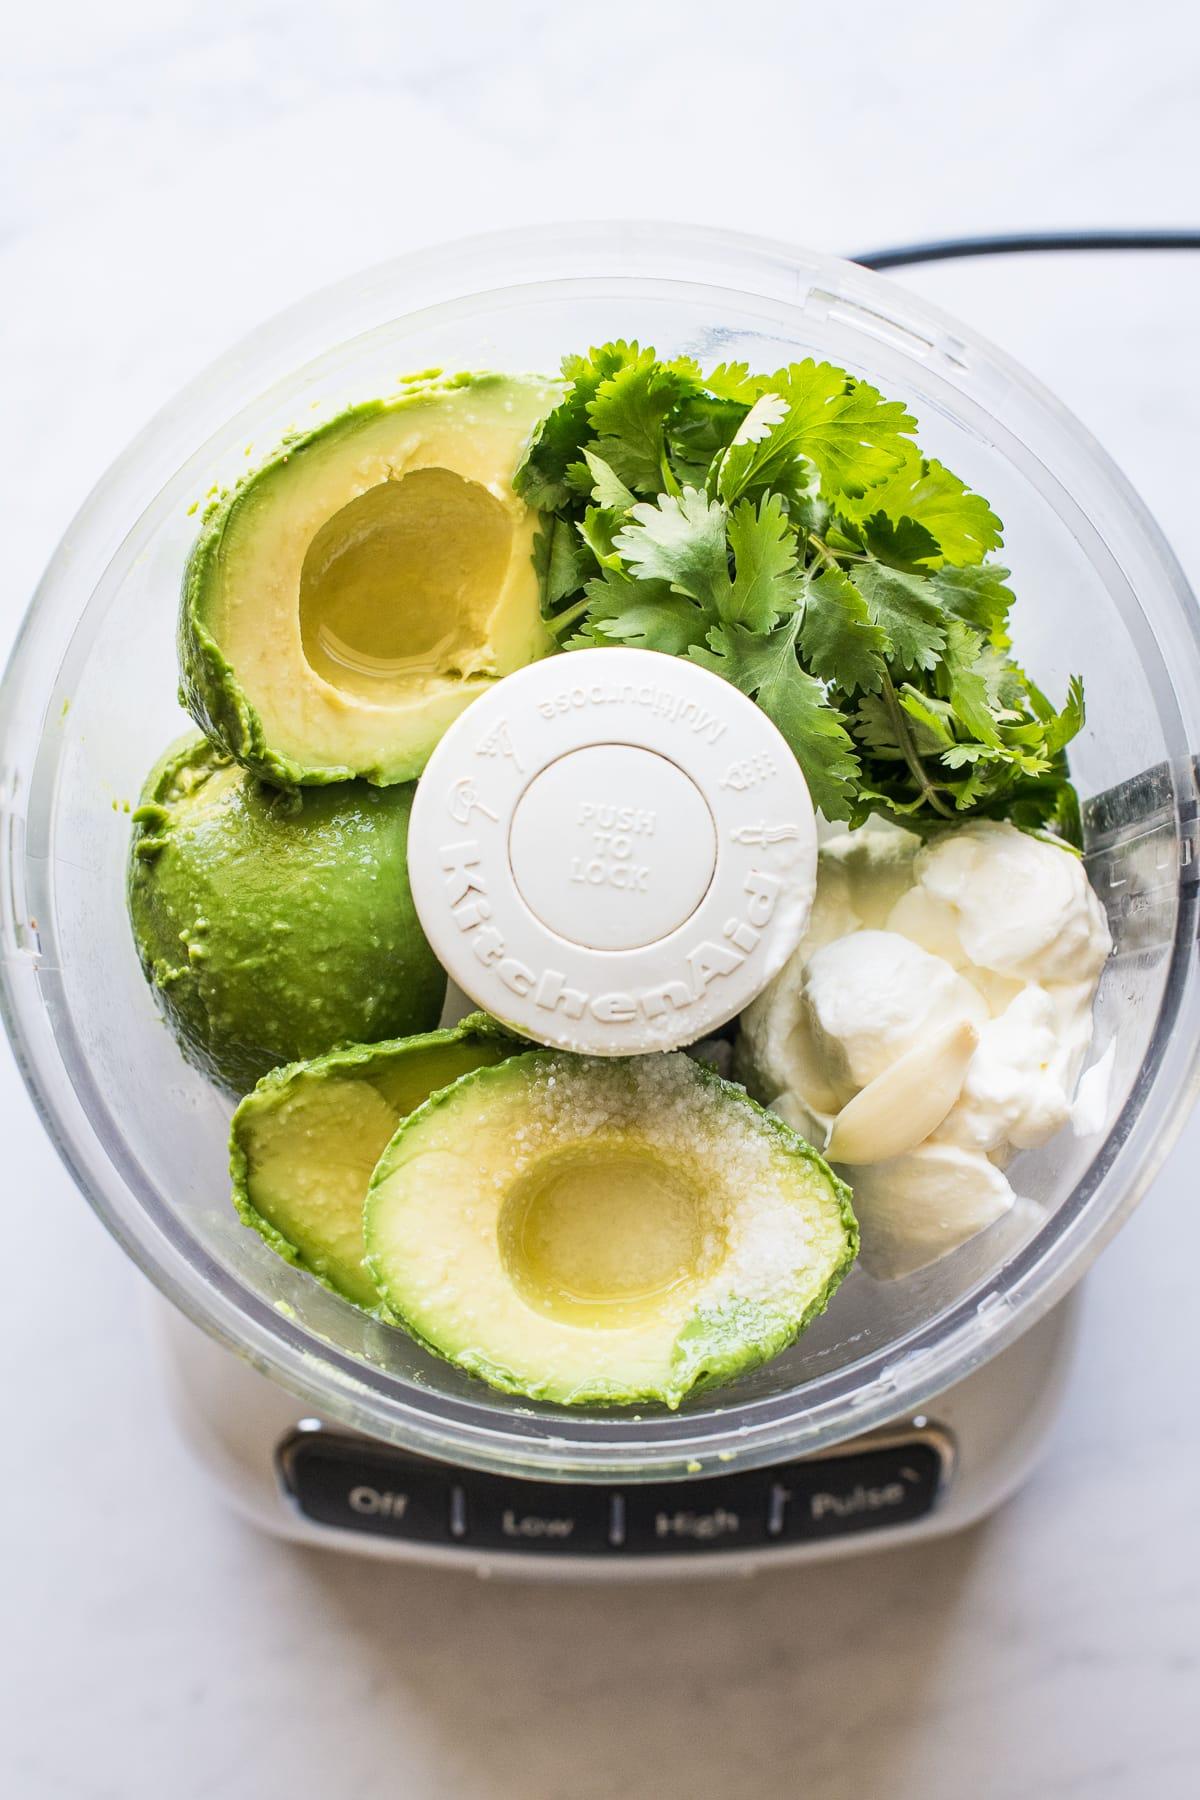 Avocado crema ingredients in a food processor.